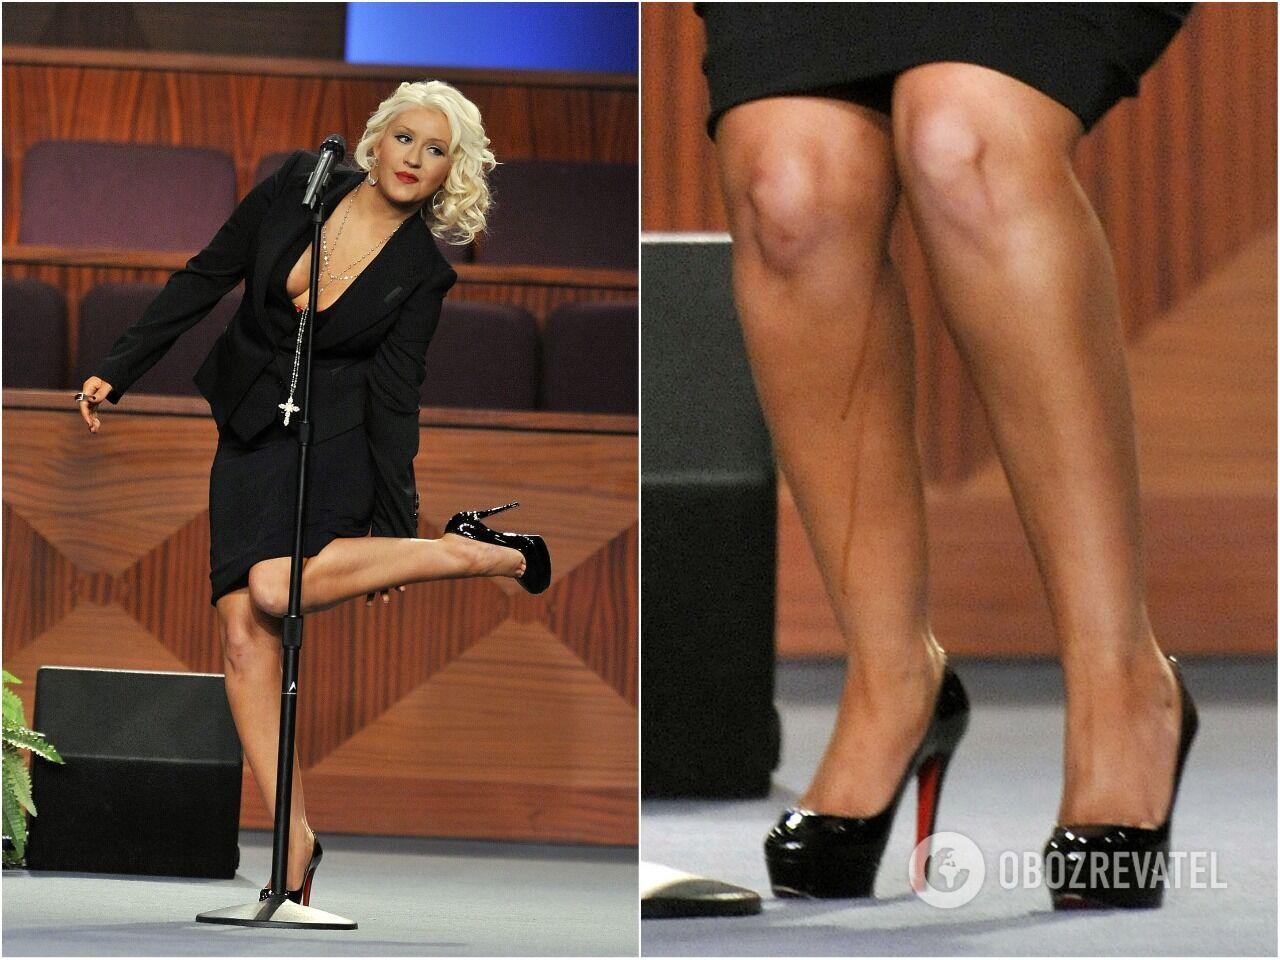 У Кристины Агилеры по ногам потекли темные струйки во время выступления